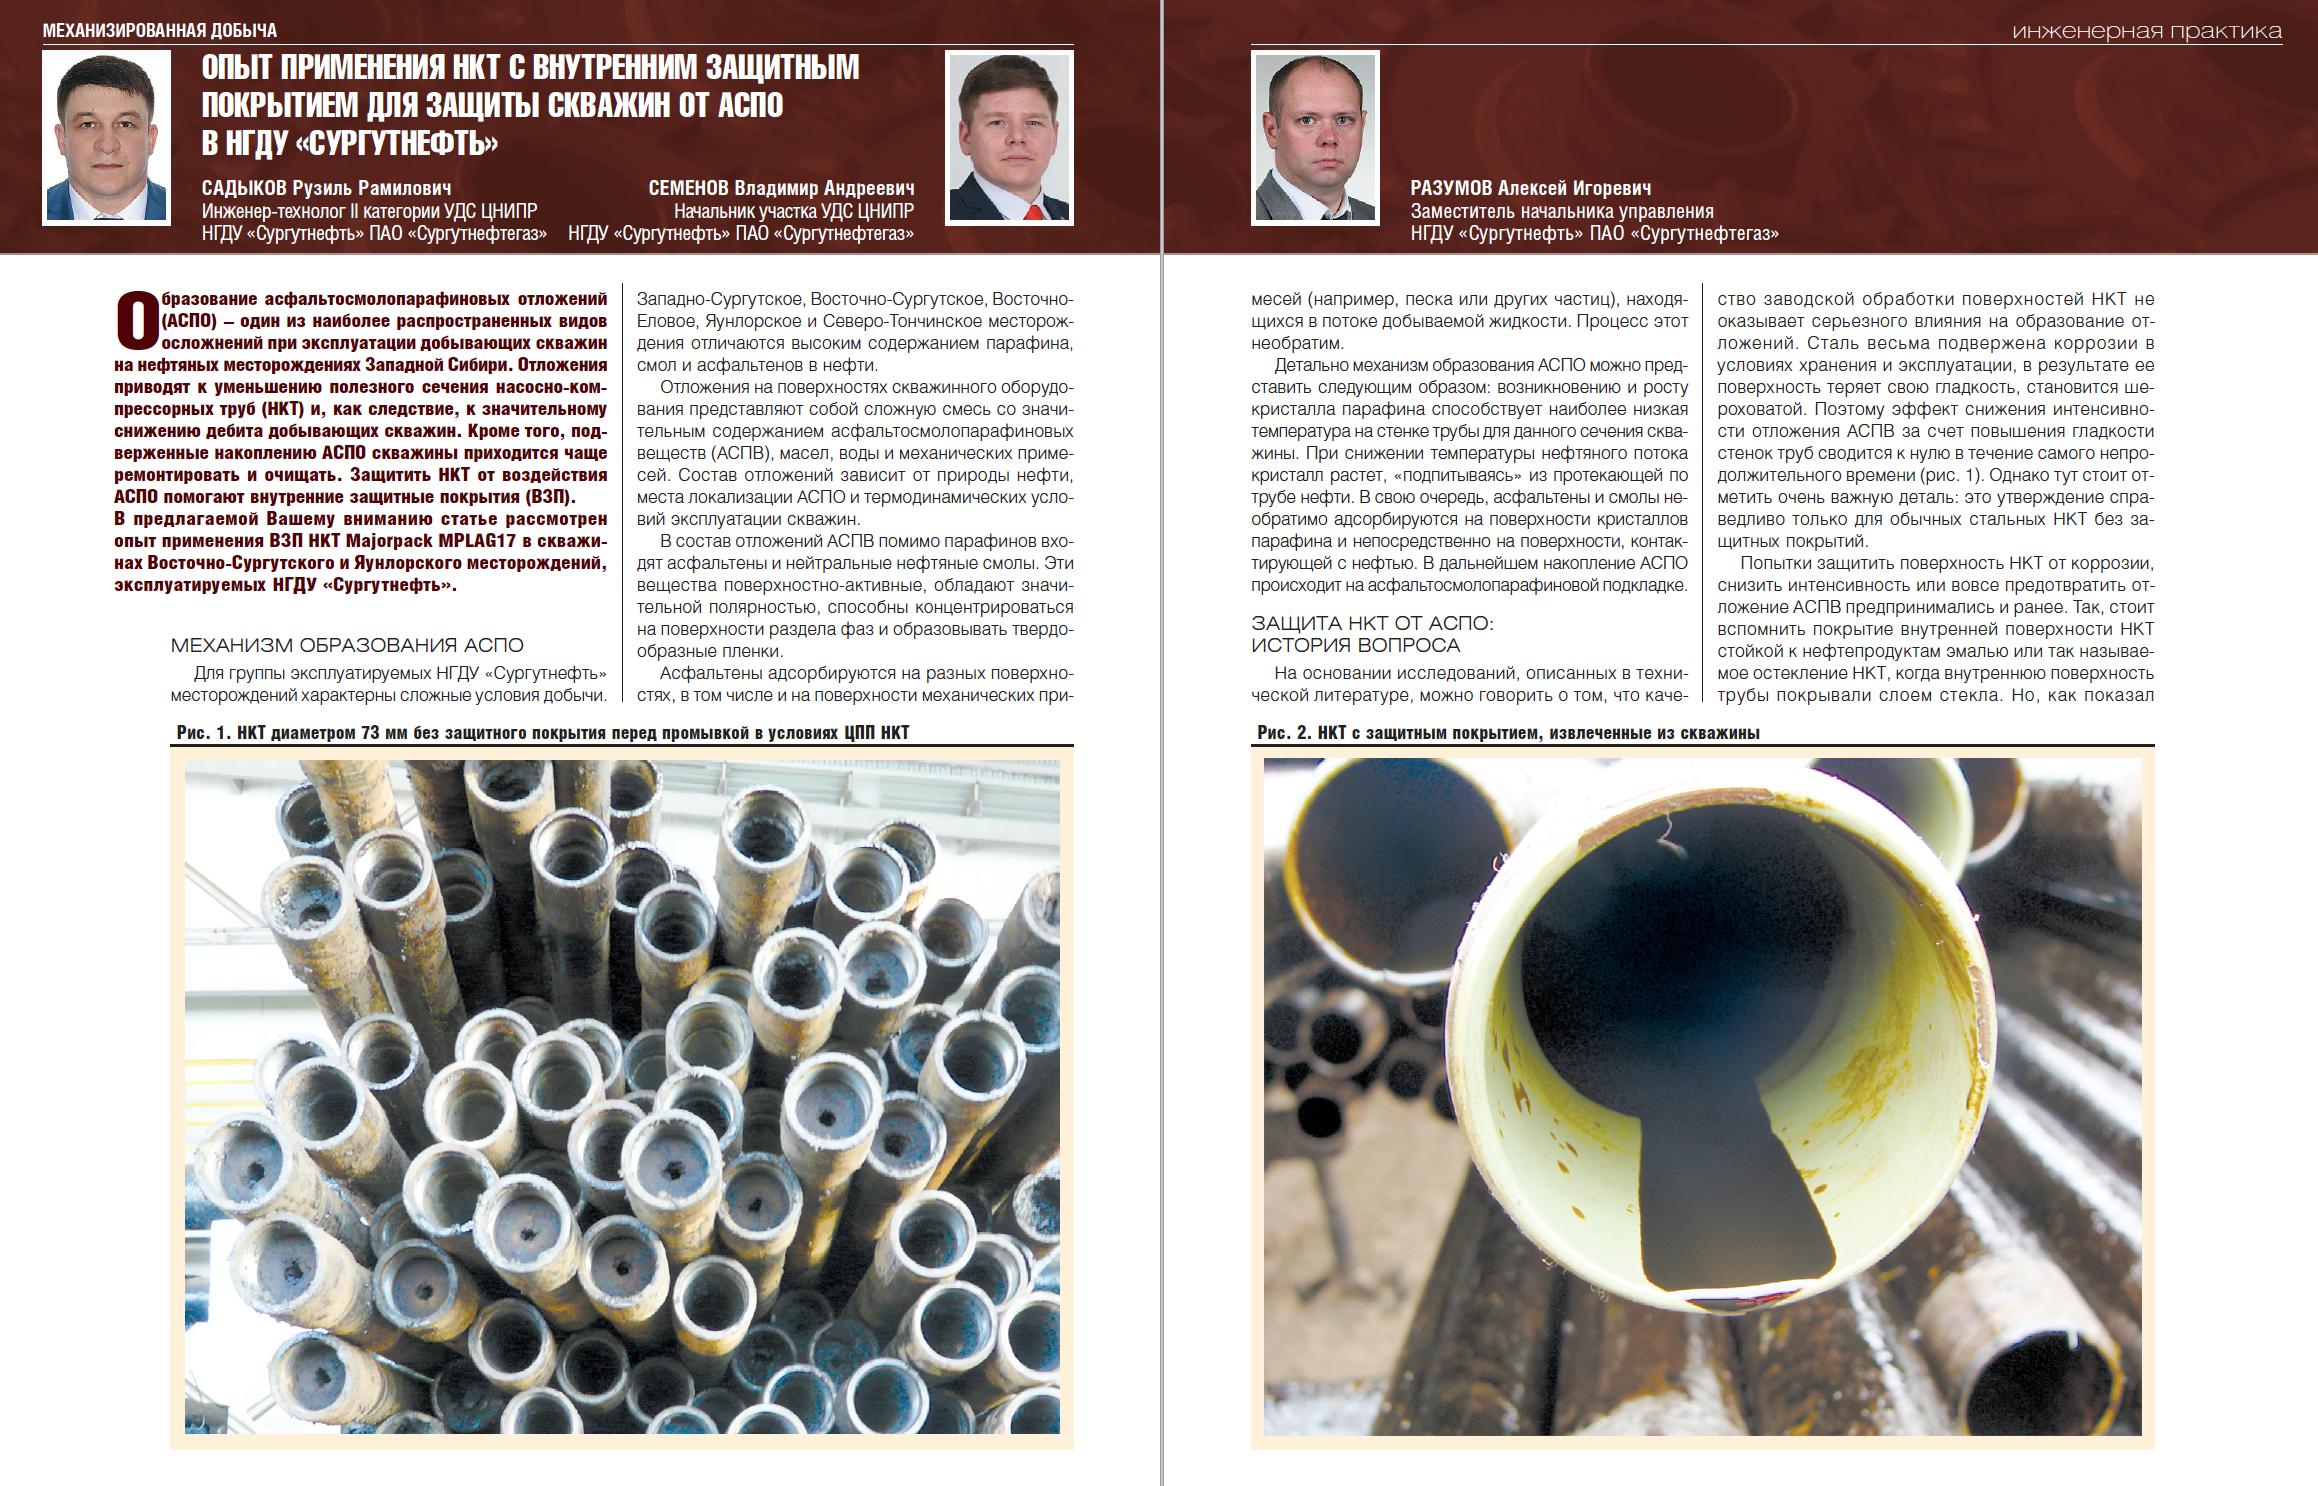 29138 Опыт применения НКТ с внутренним защитным покрытием для защиты скважин от АСПО в НГДУ «Сургутнефть»